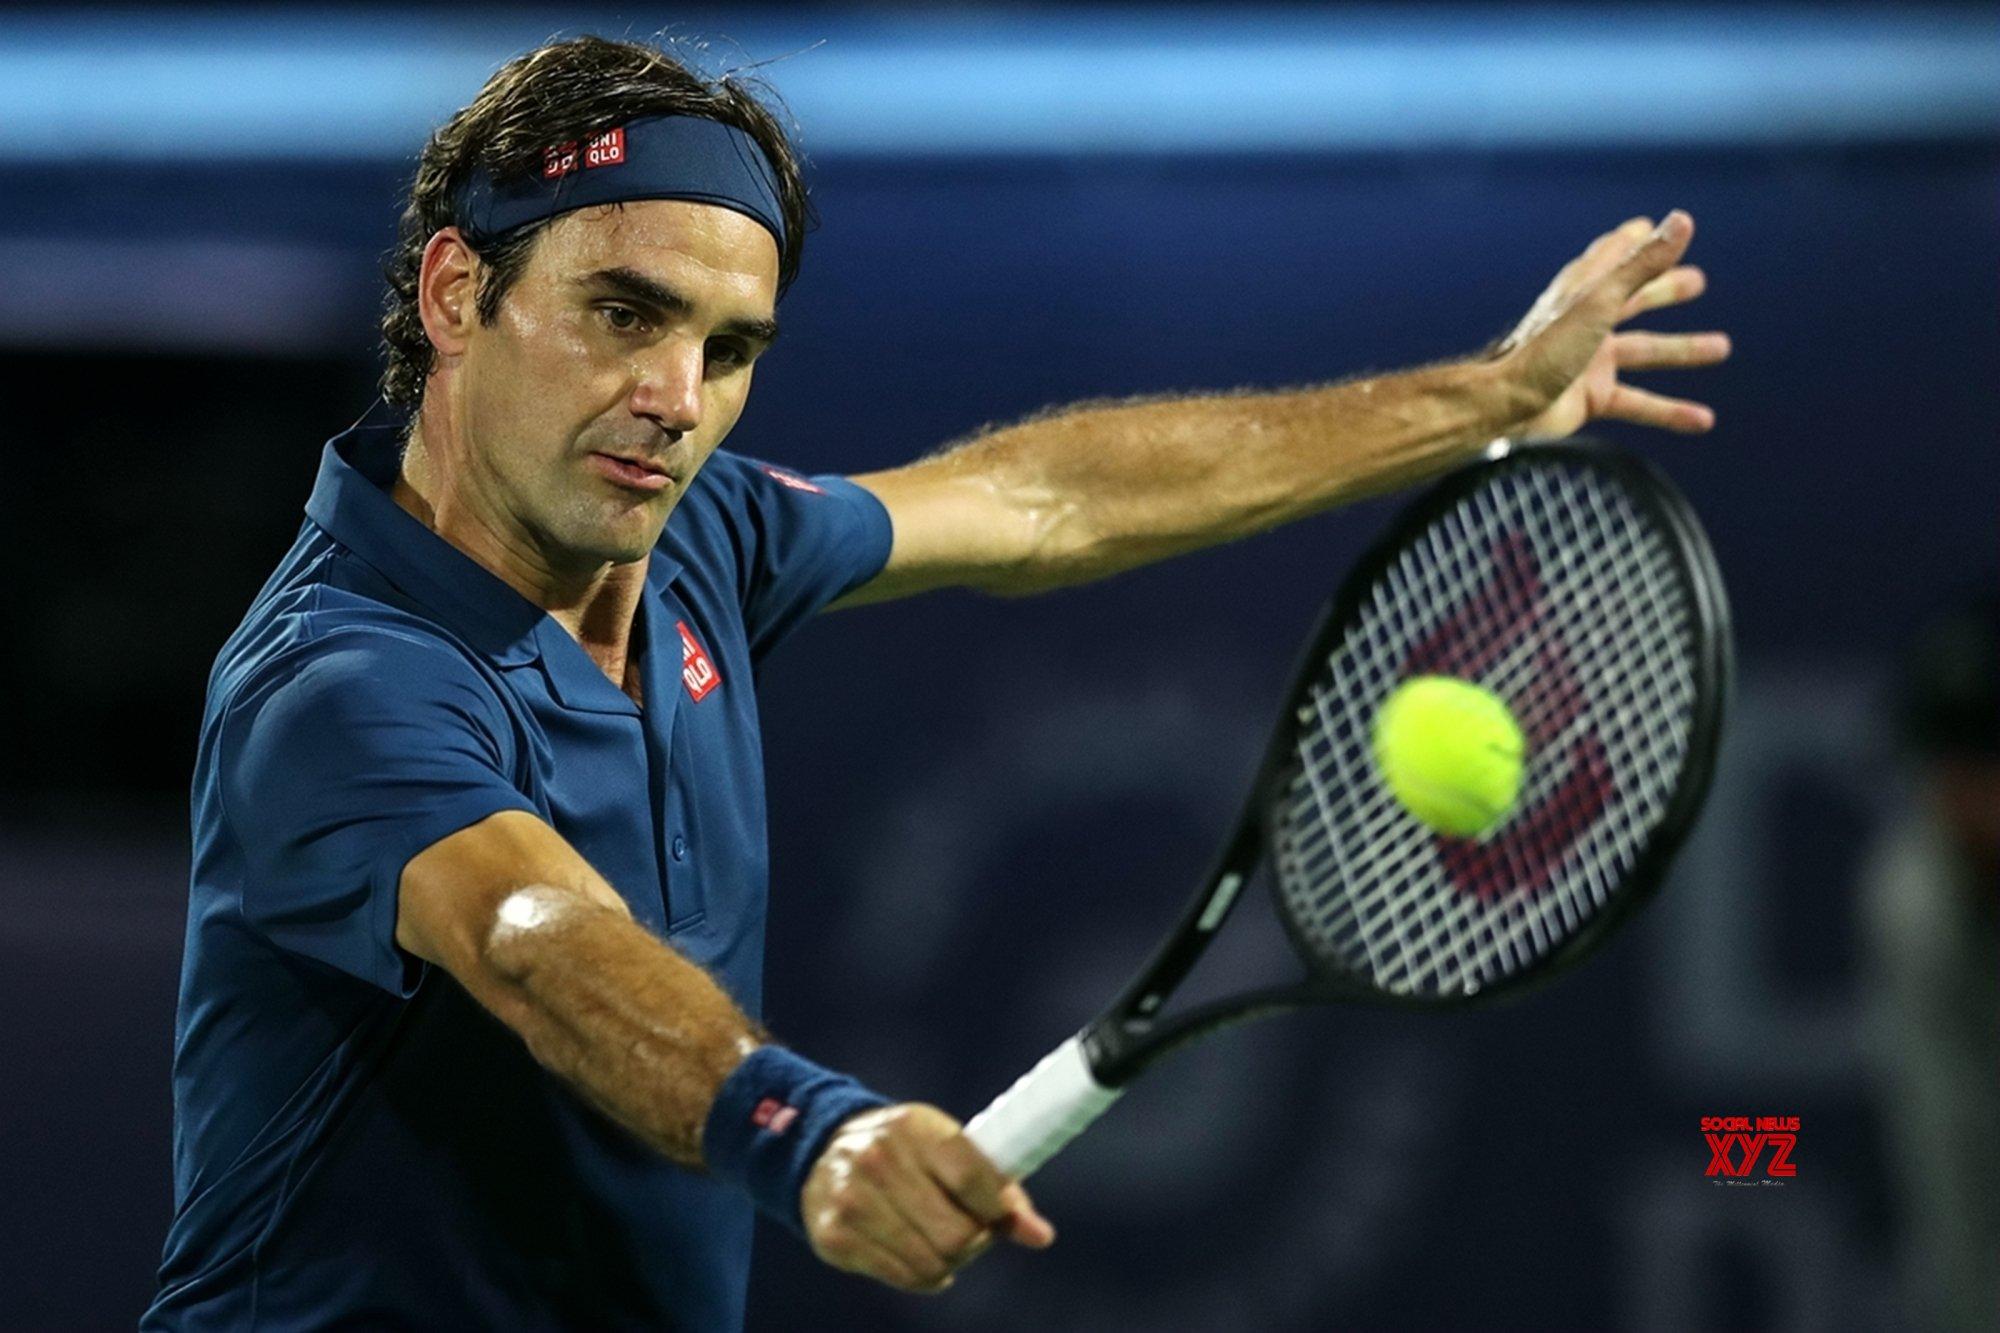 It's Federer vs Nadal in Indian Wells semi final